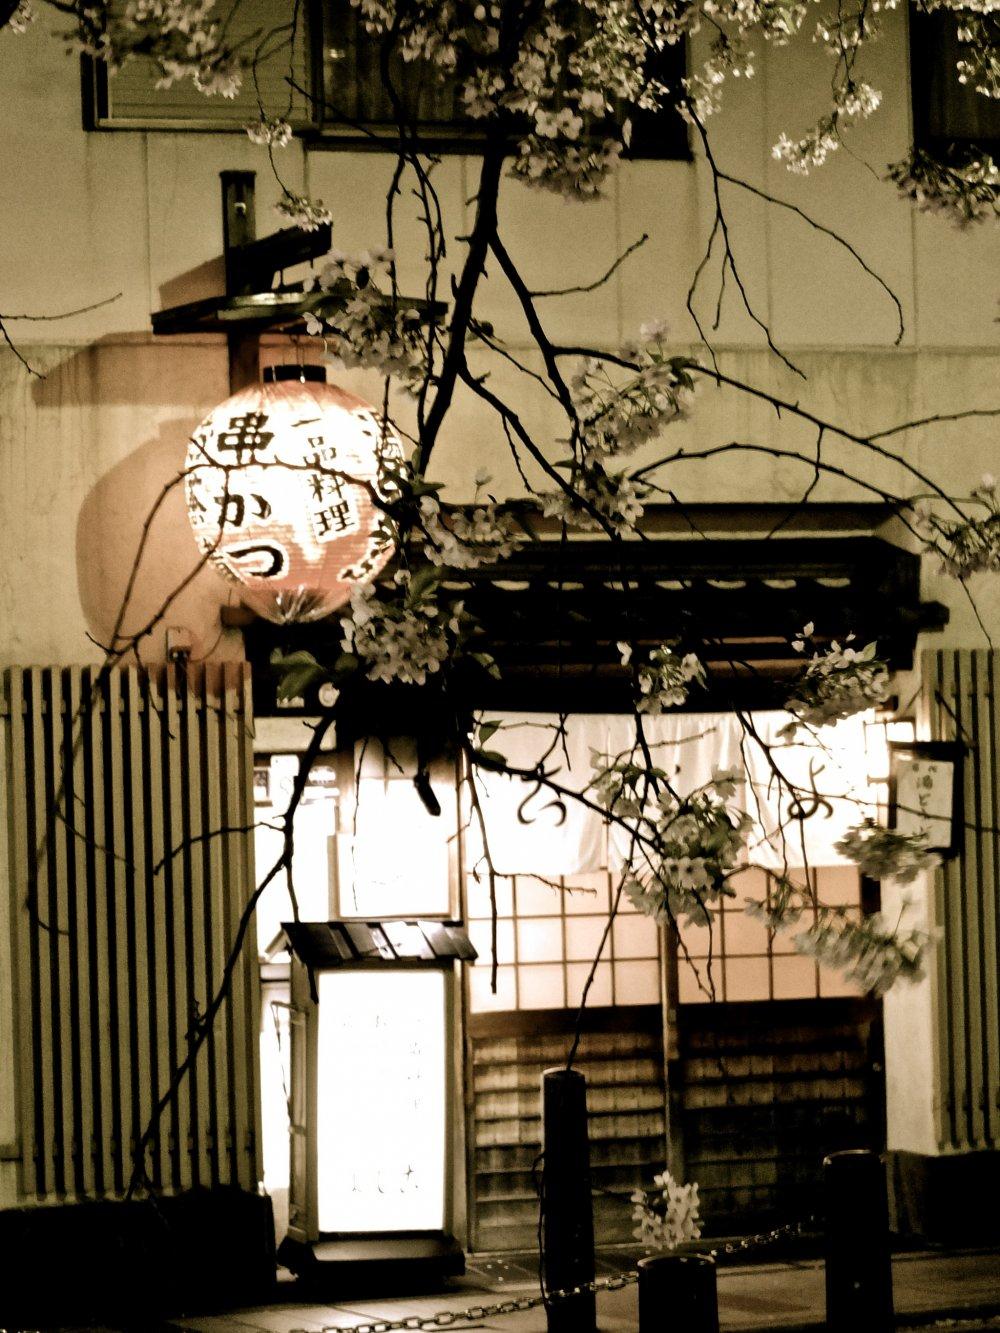 시라가와 강을 따라 있는 작은 음식점